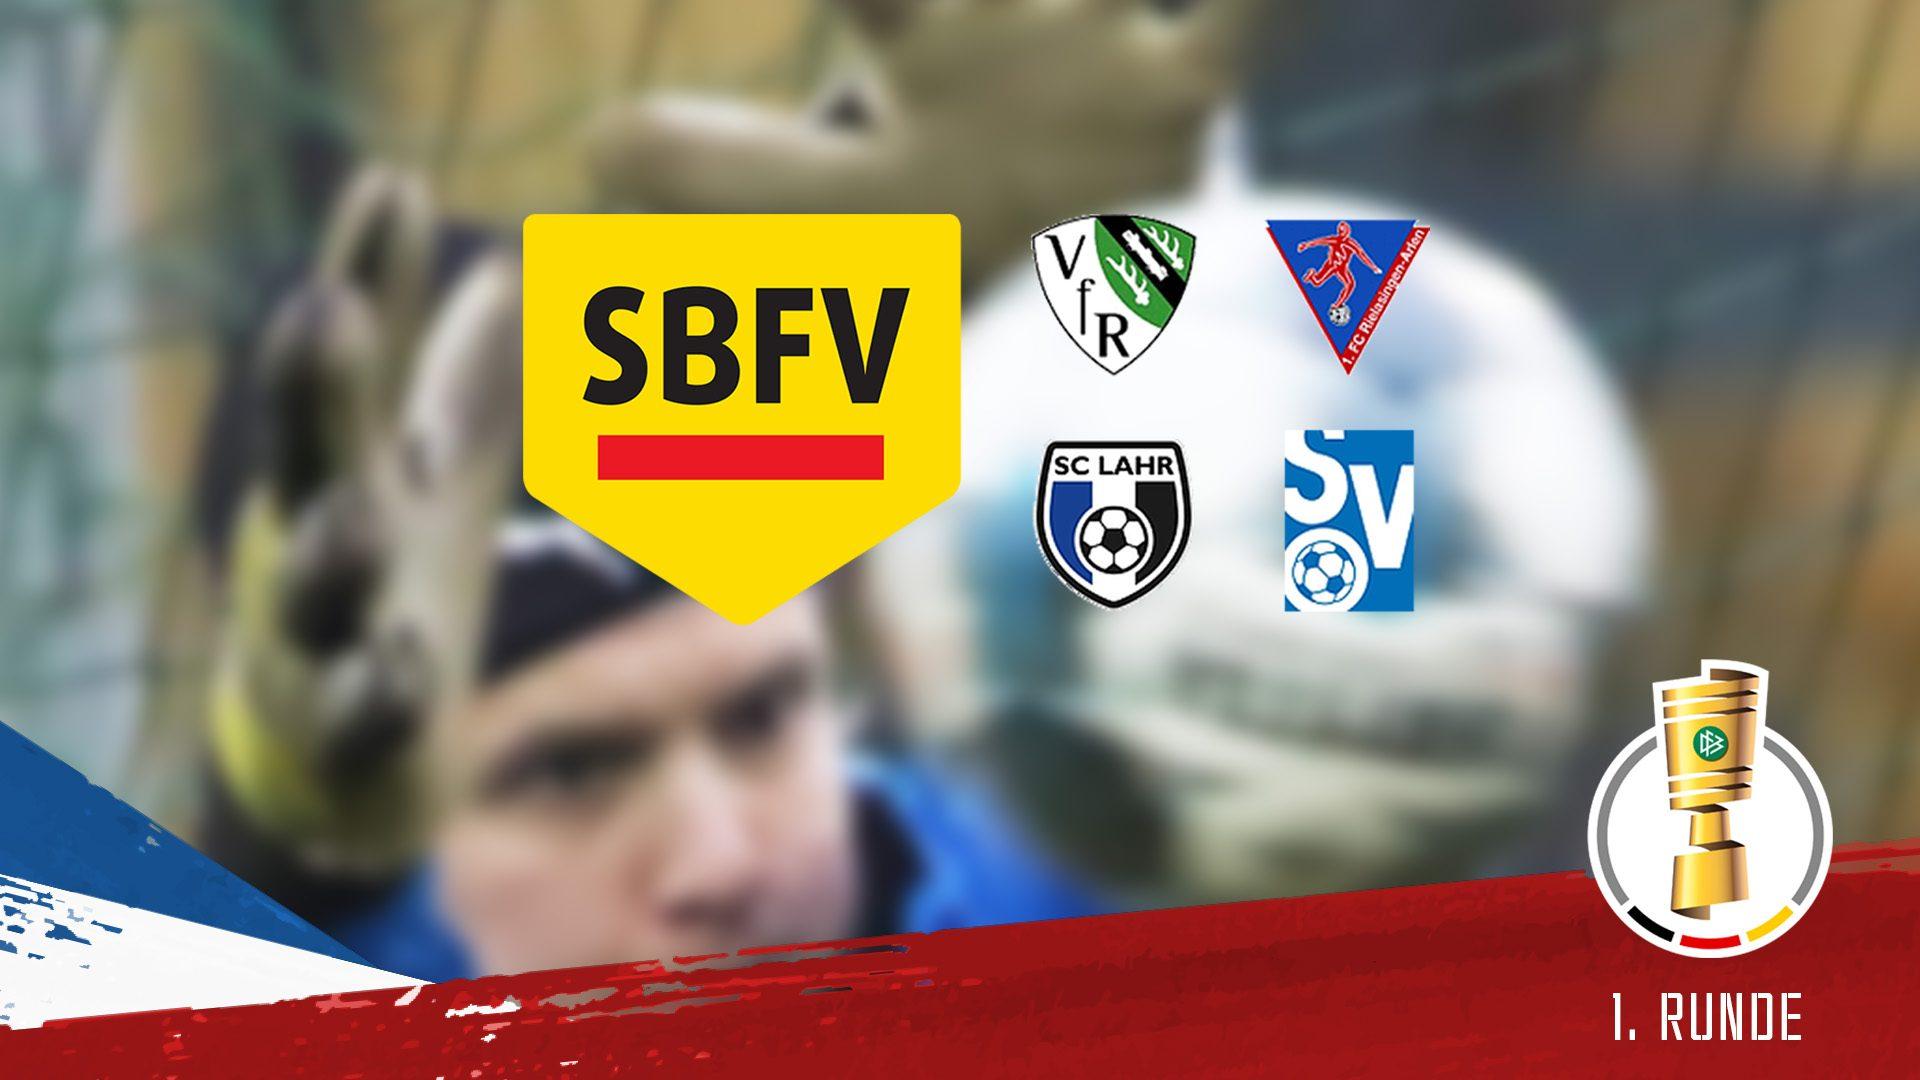 Für die KSV findet die 1. Runde des DFB-Pokals 19/20 in Südbaden statt